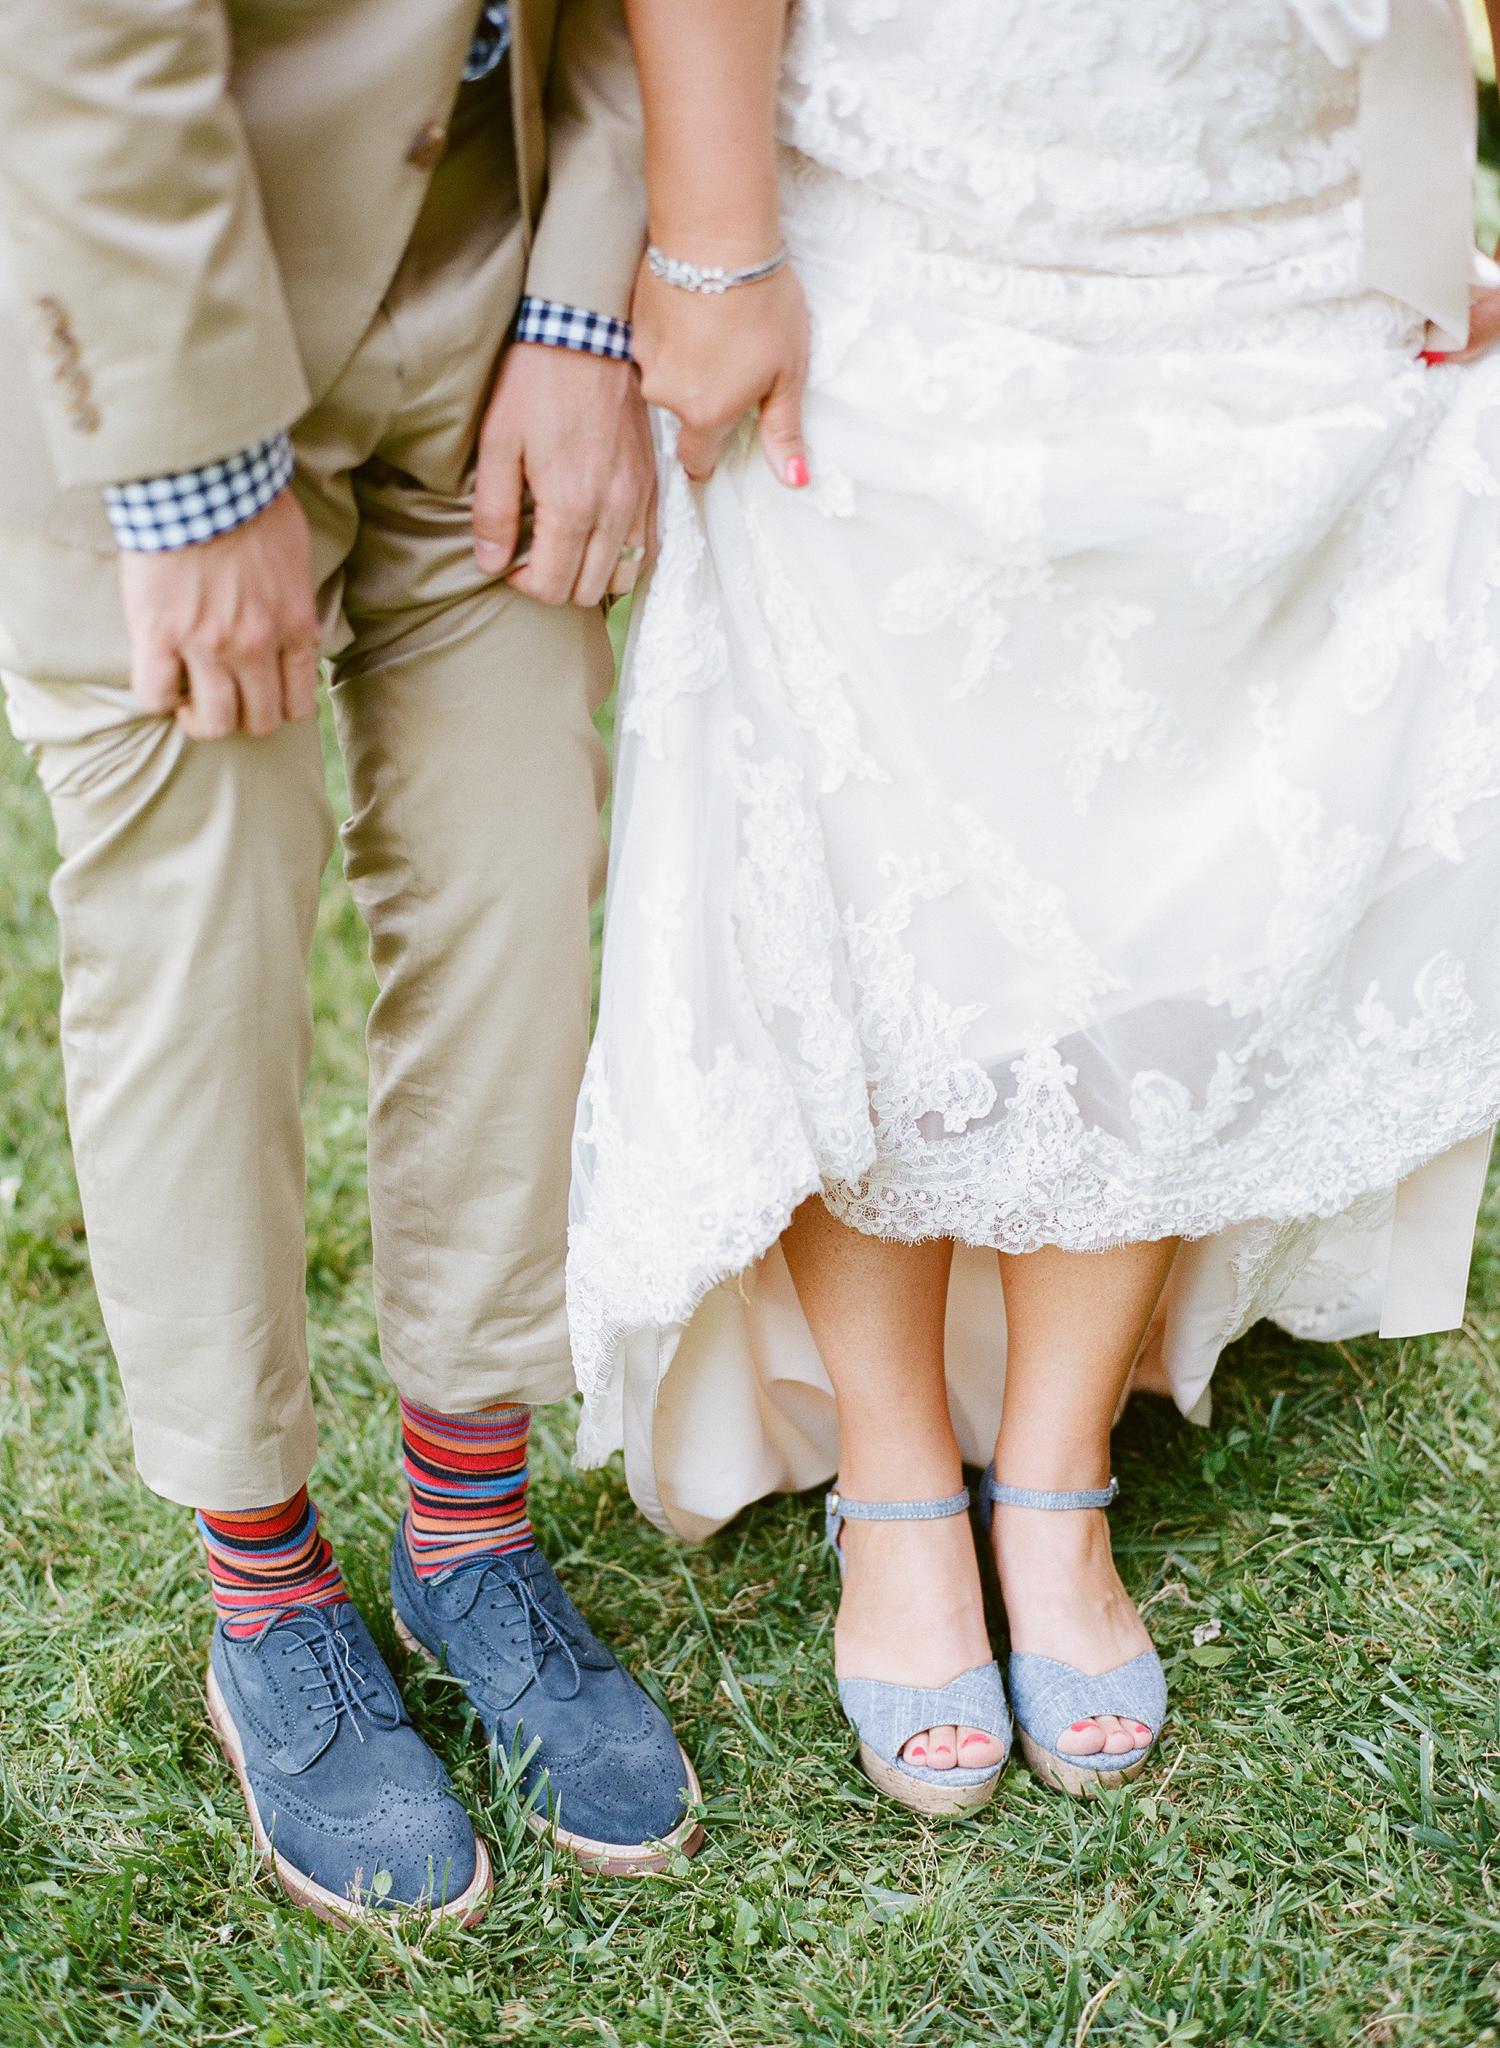 27-bride-groom-shoes.jpg